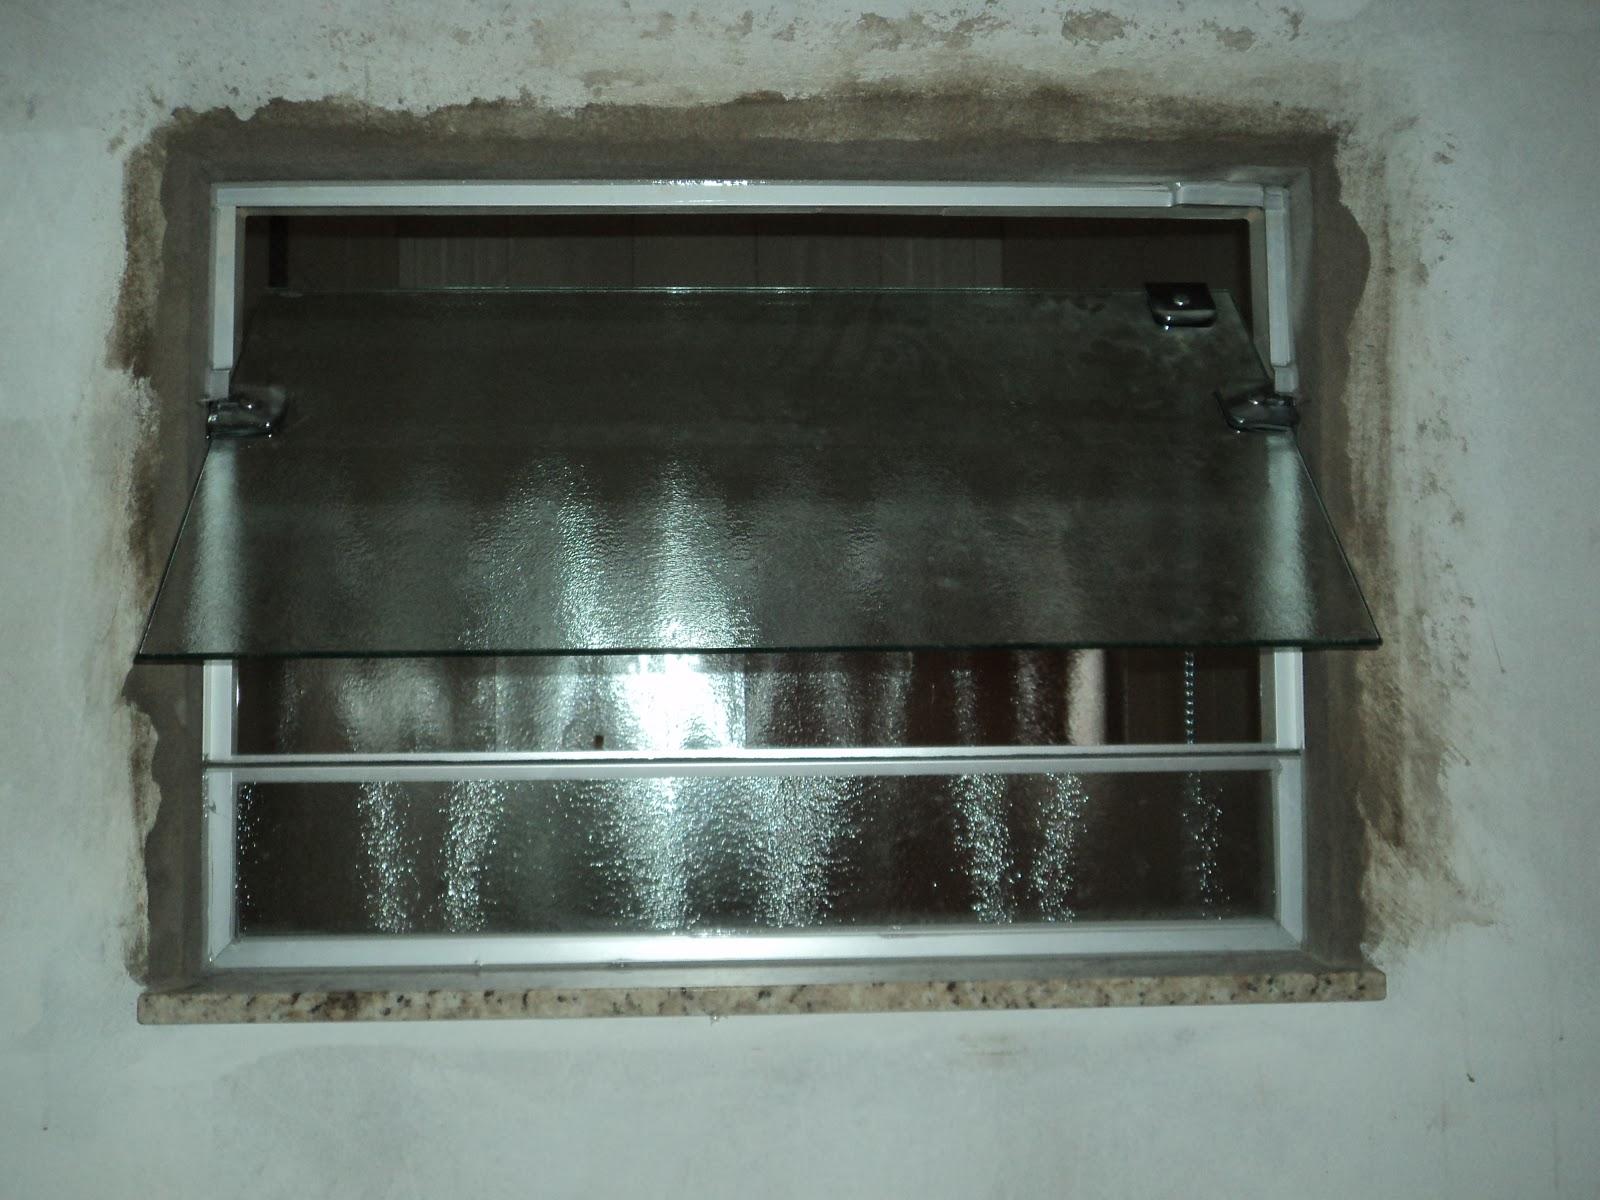 #527974 Box e Janela do Wc em vidro Antílope 08mm janela no sistema  1696 Janela De Aluminio Na Cor Bronze